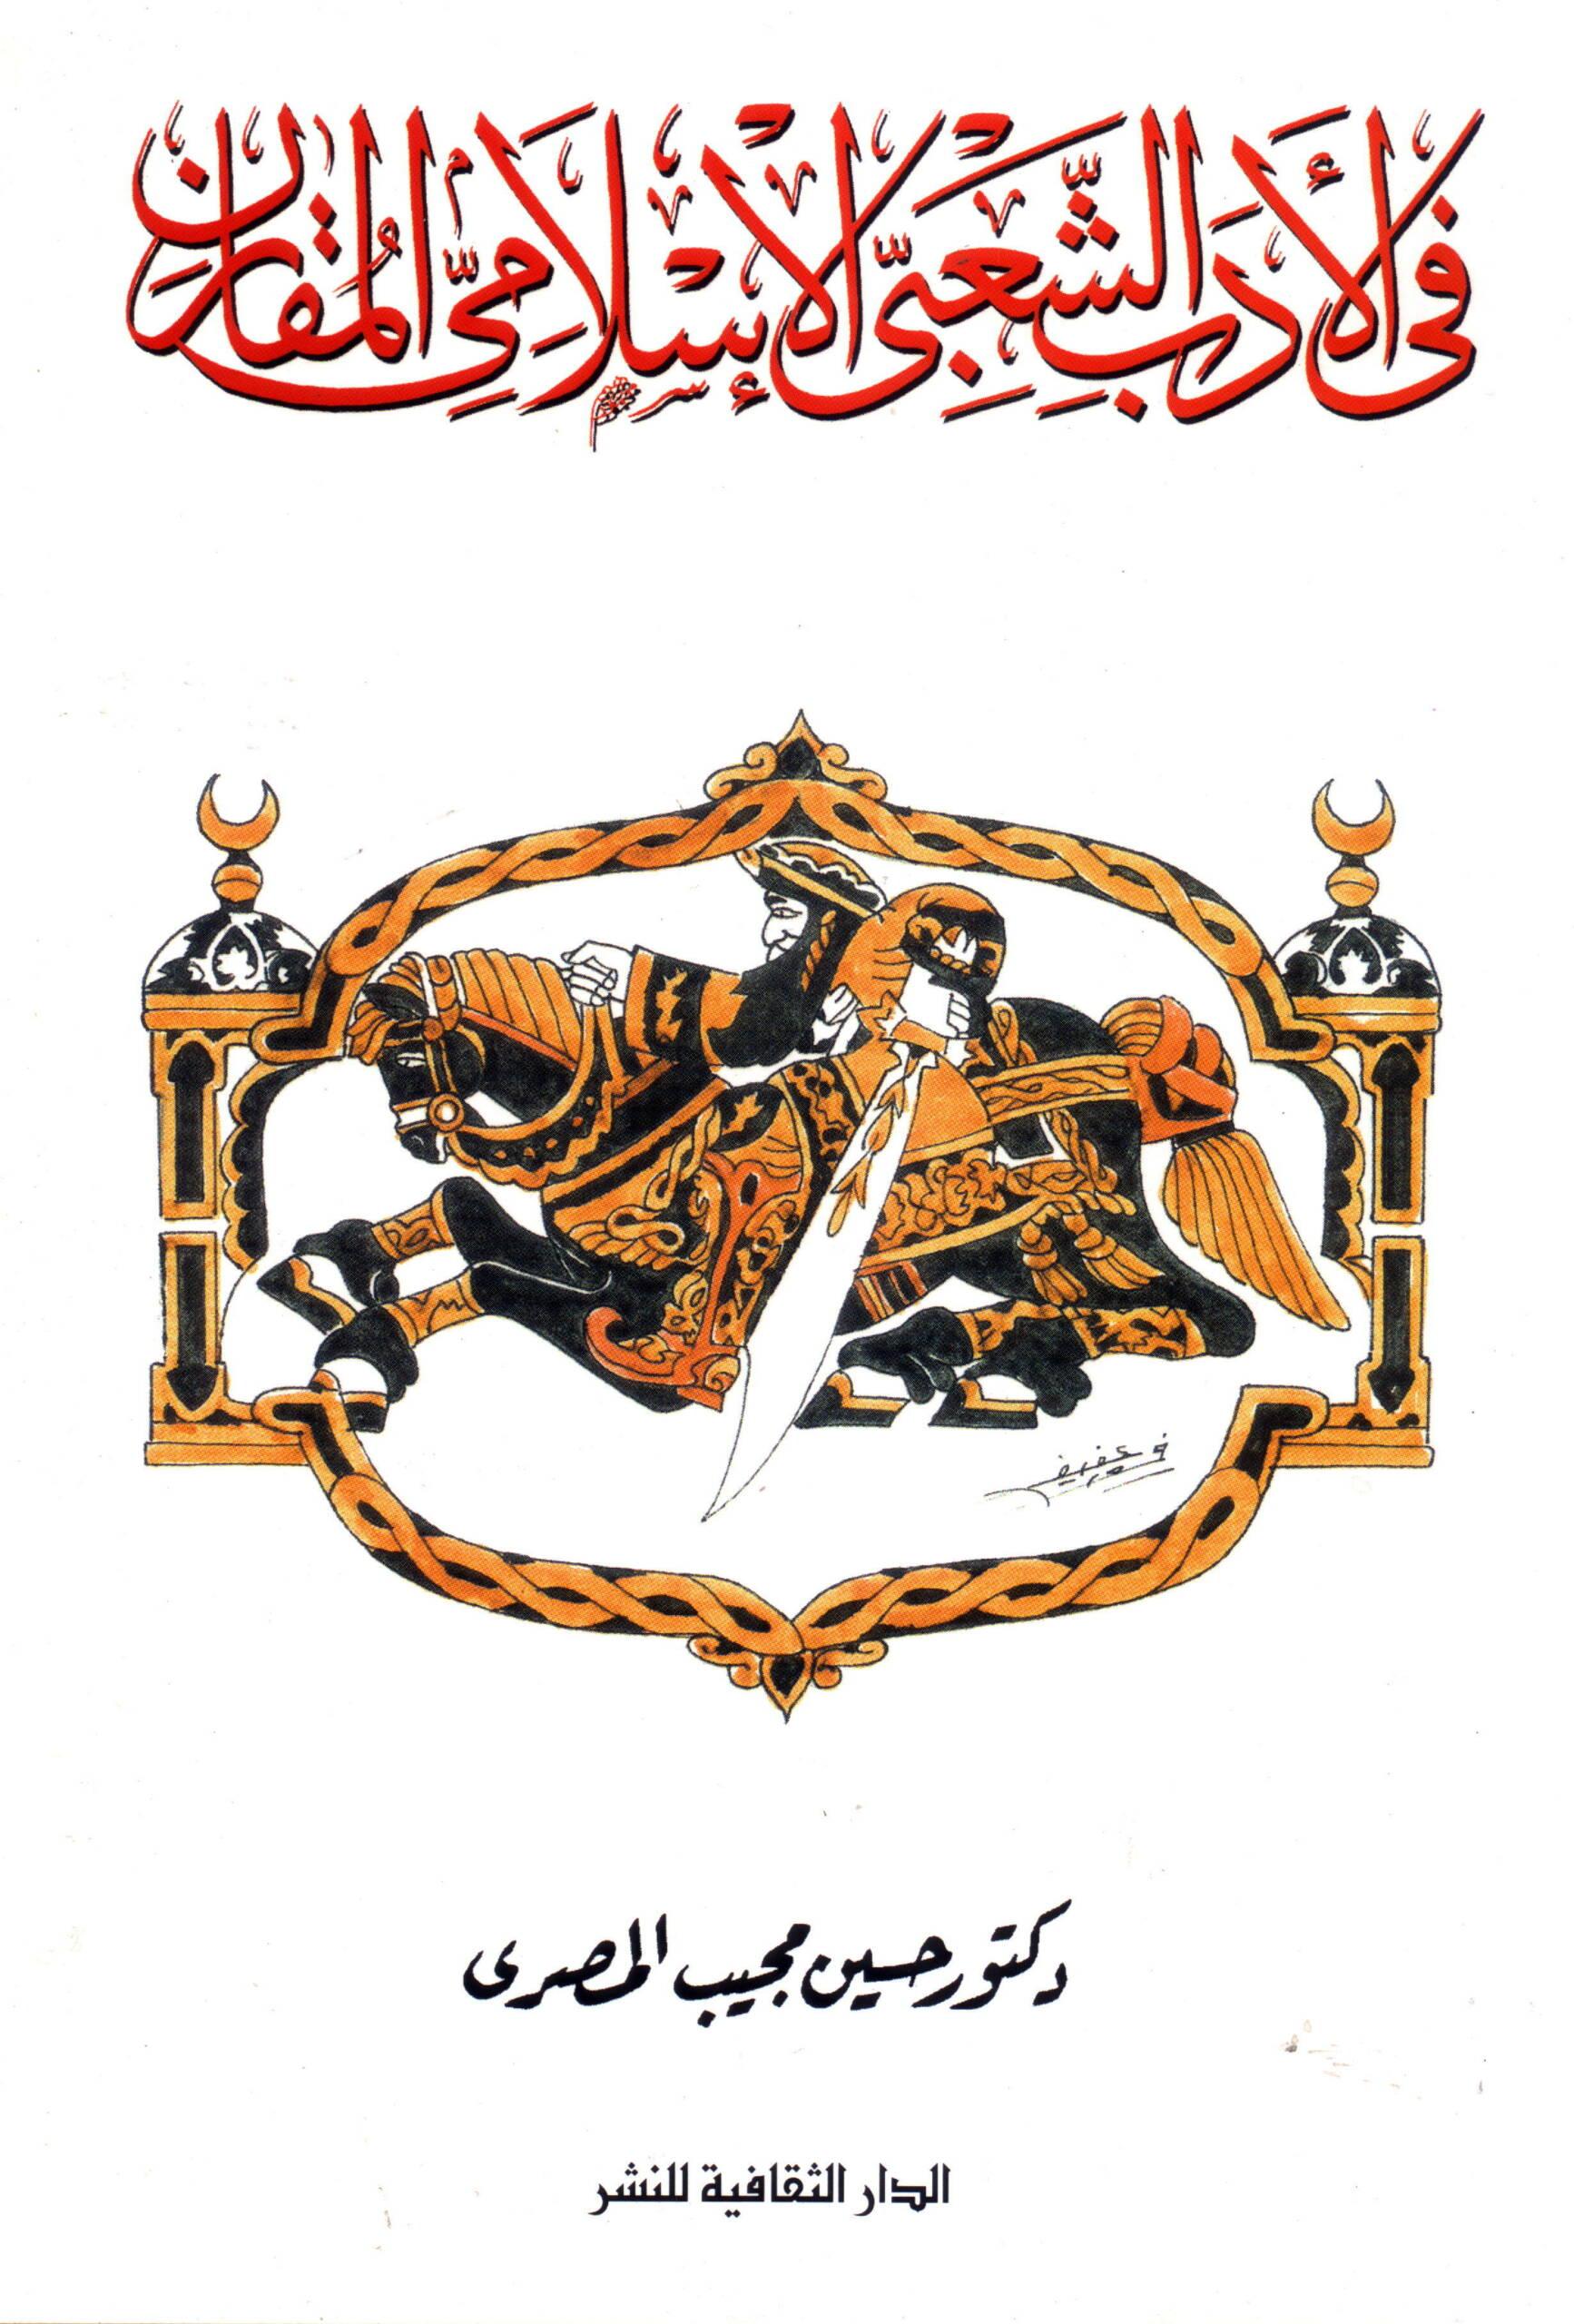 فى الأدب الشعبى الإسلامى المقارن